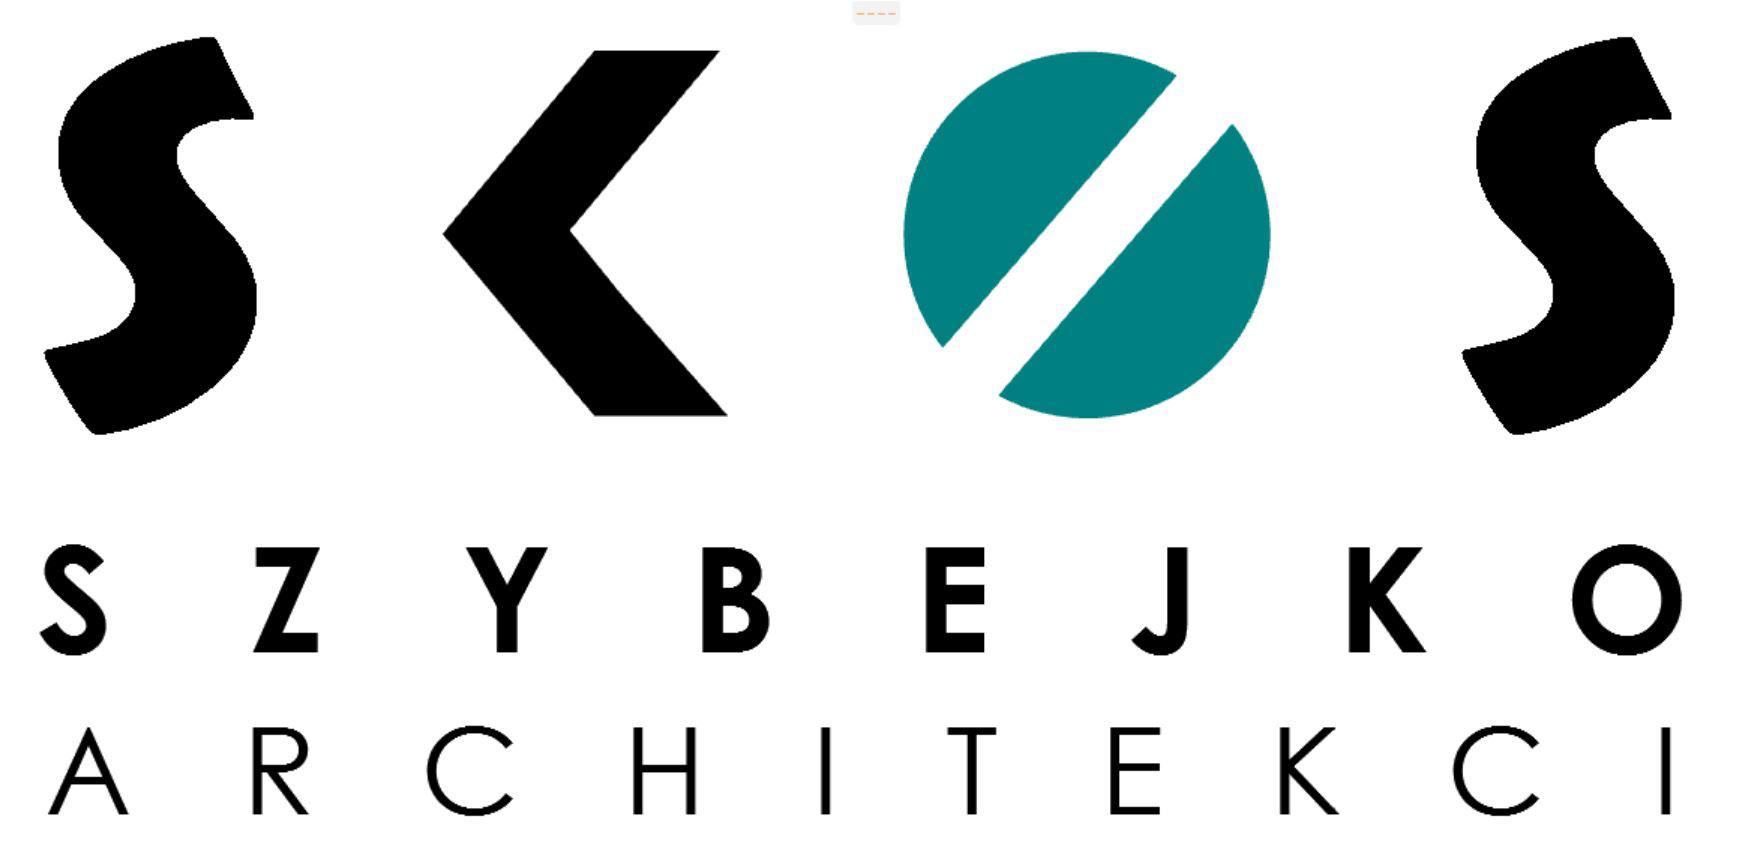 SKOS - Szybejko Arhcitekci